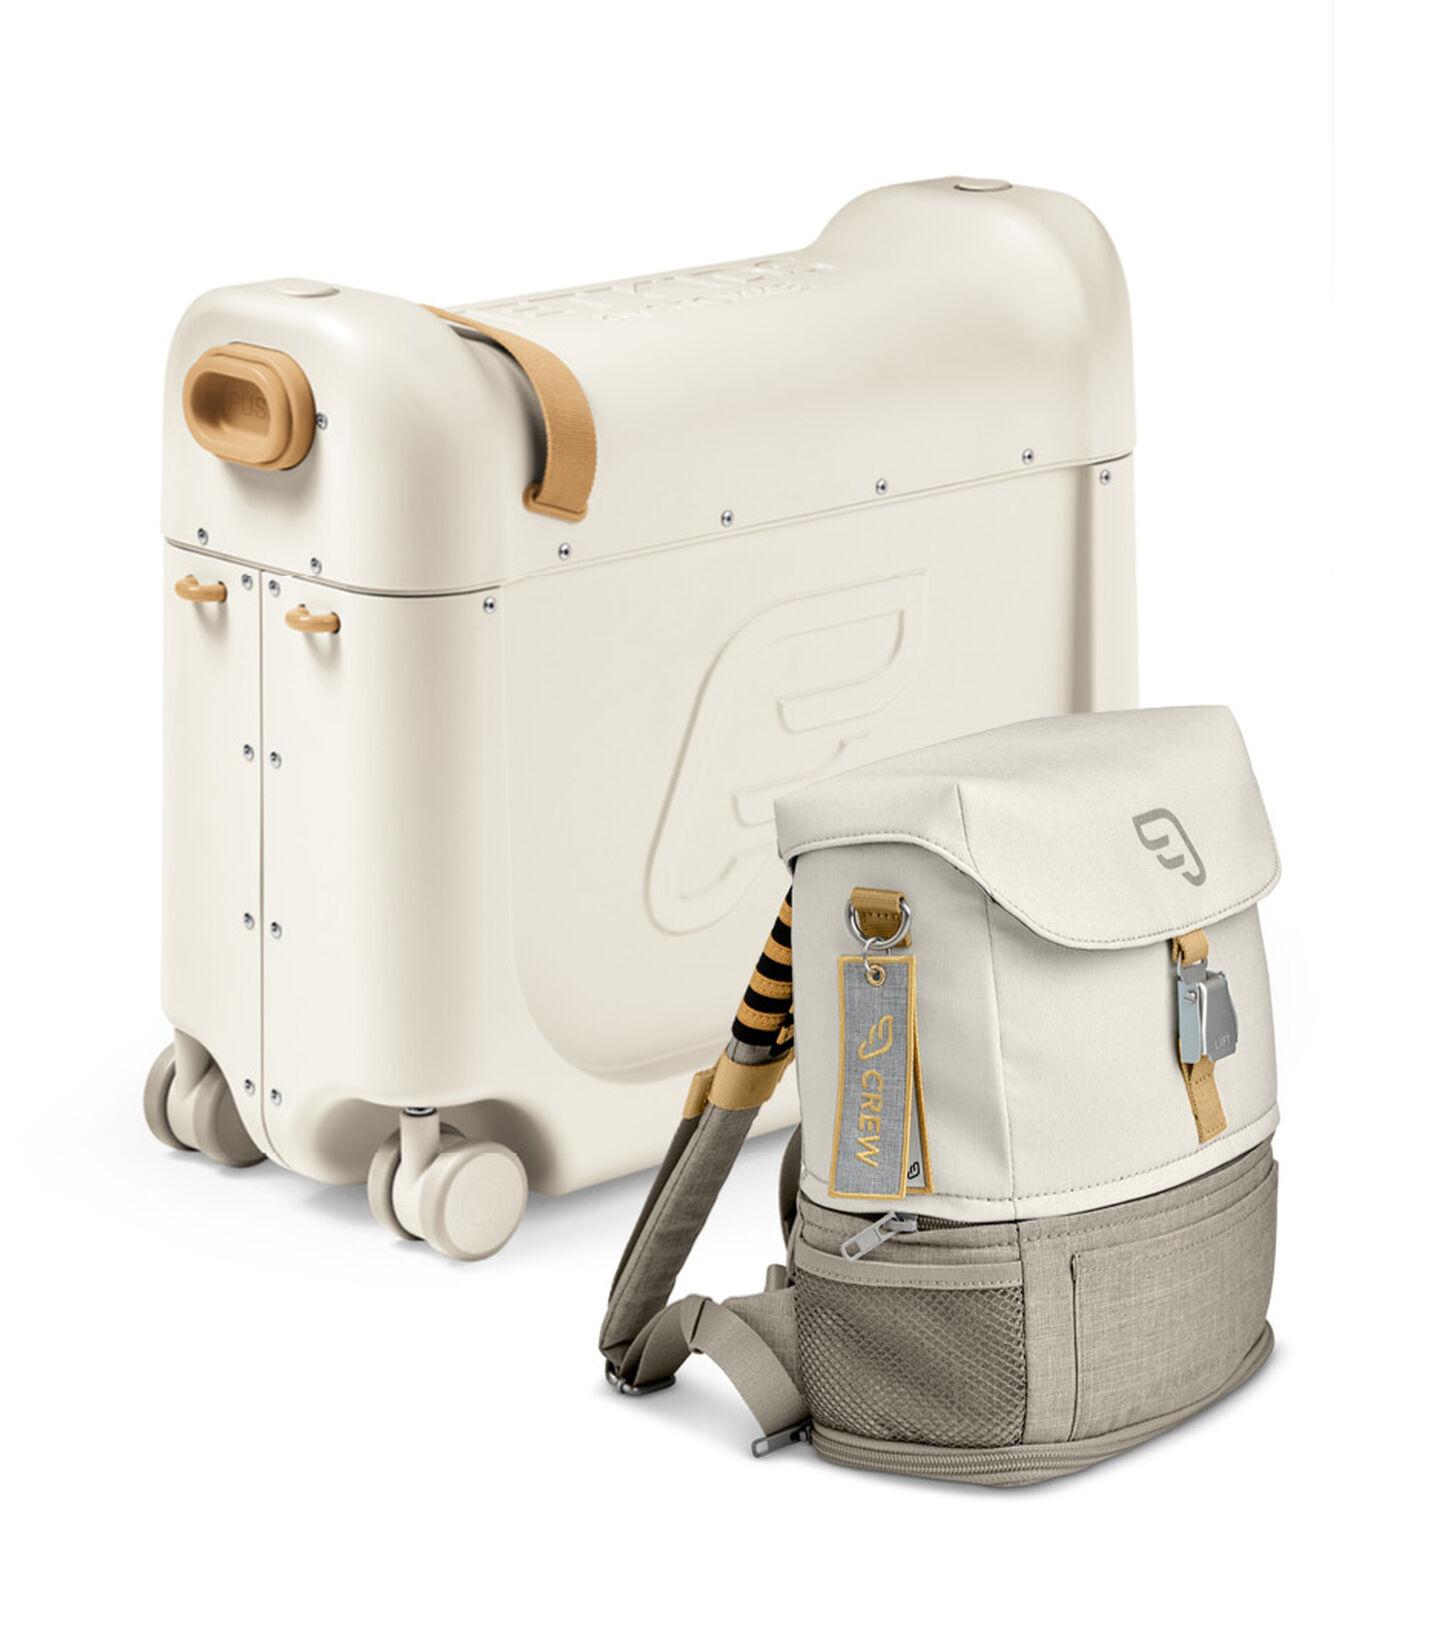 Zestaw podróżny BedBox™ + plecak Crew BackPack™ Biały/Biały, White / White, mainview view 2